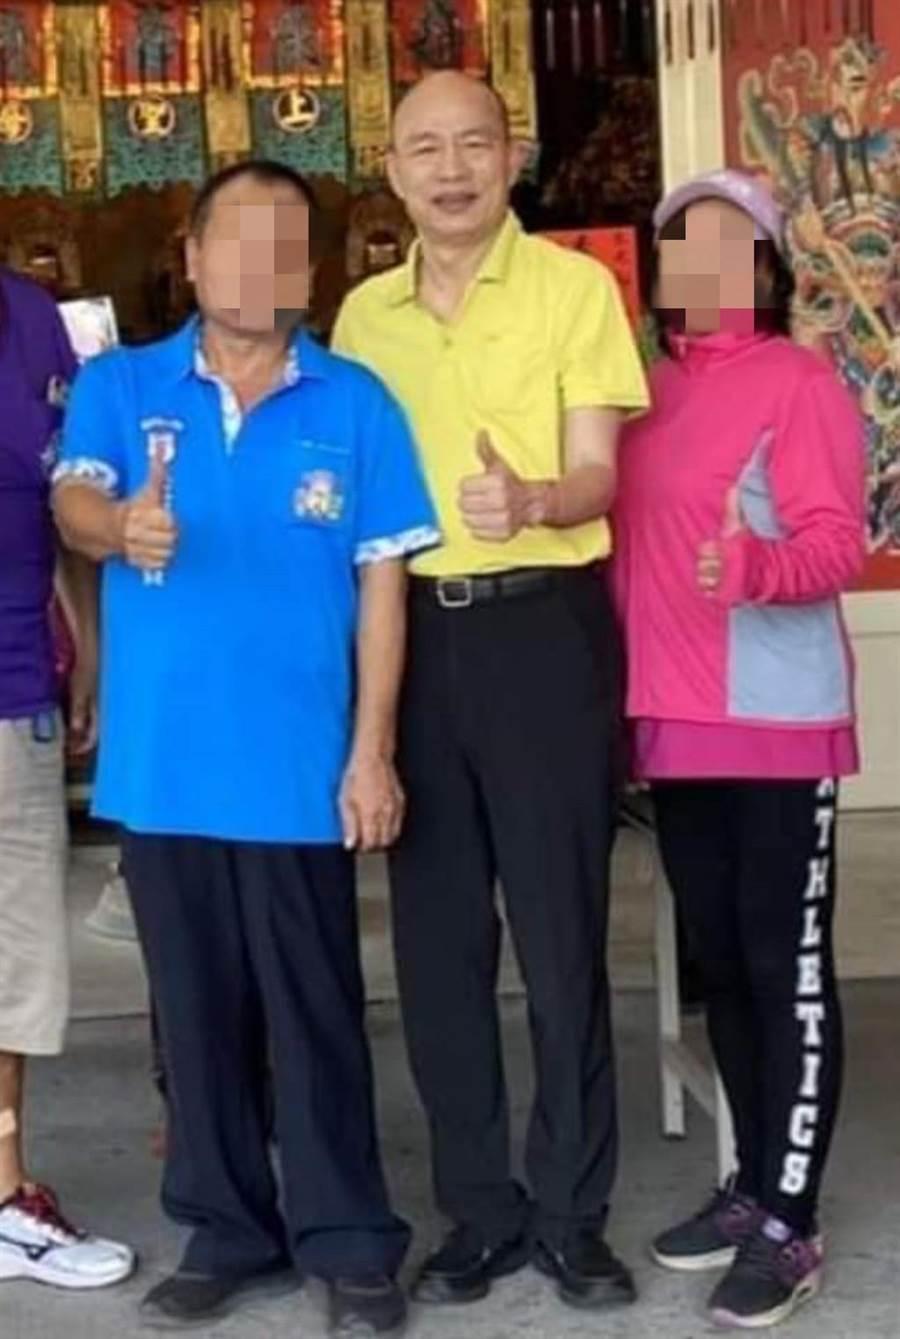 網友貼出韓國瑜野生照。(翻攝臉書社團「韓國瑜快樂向前行」)